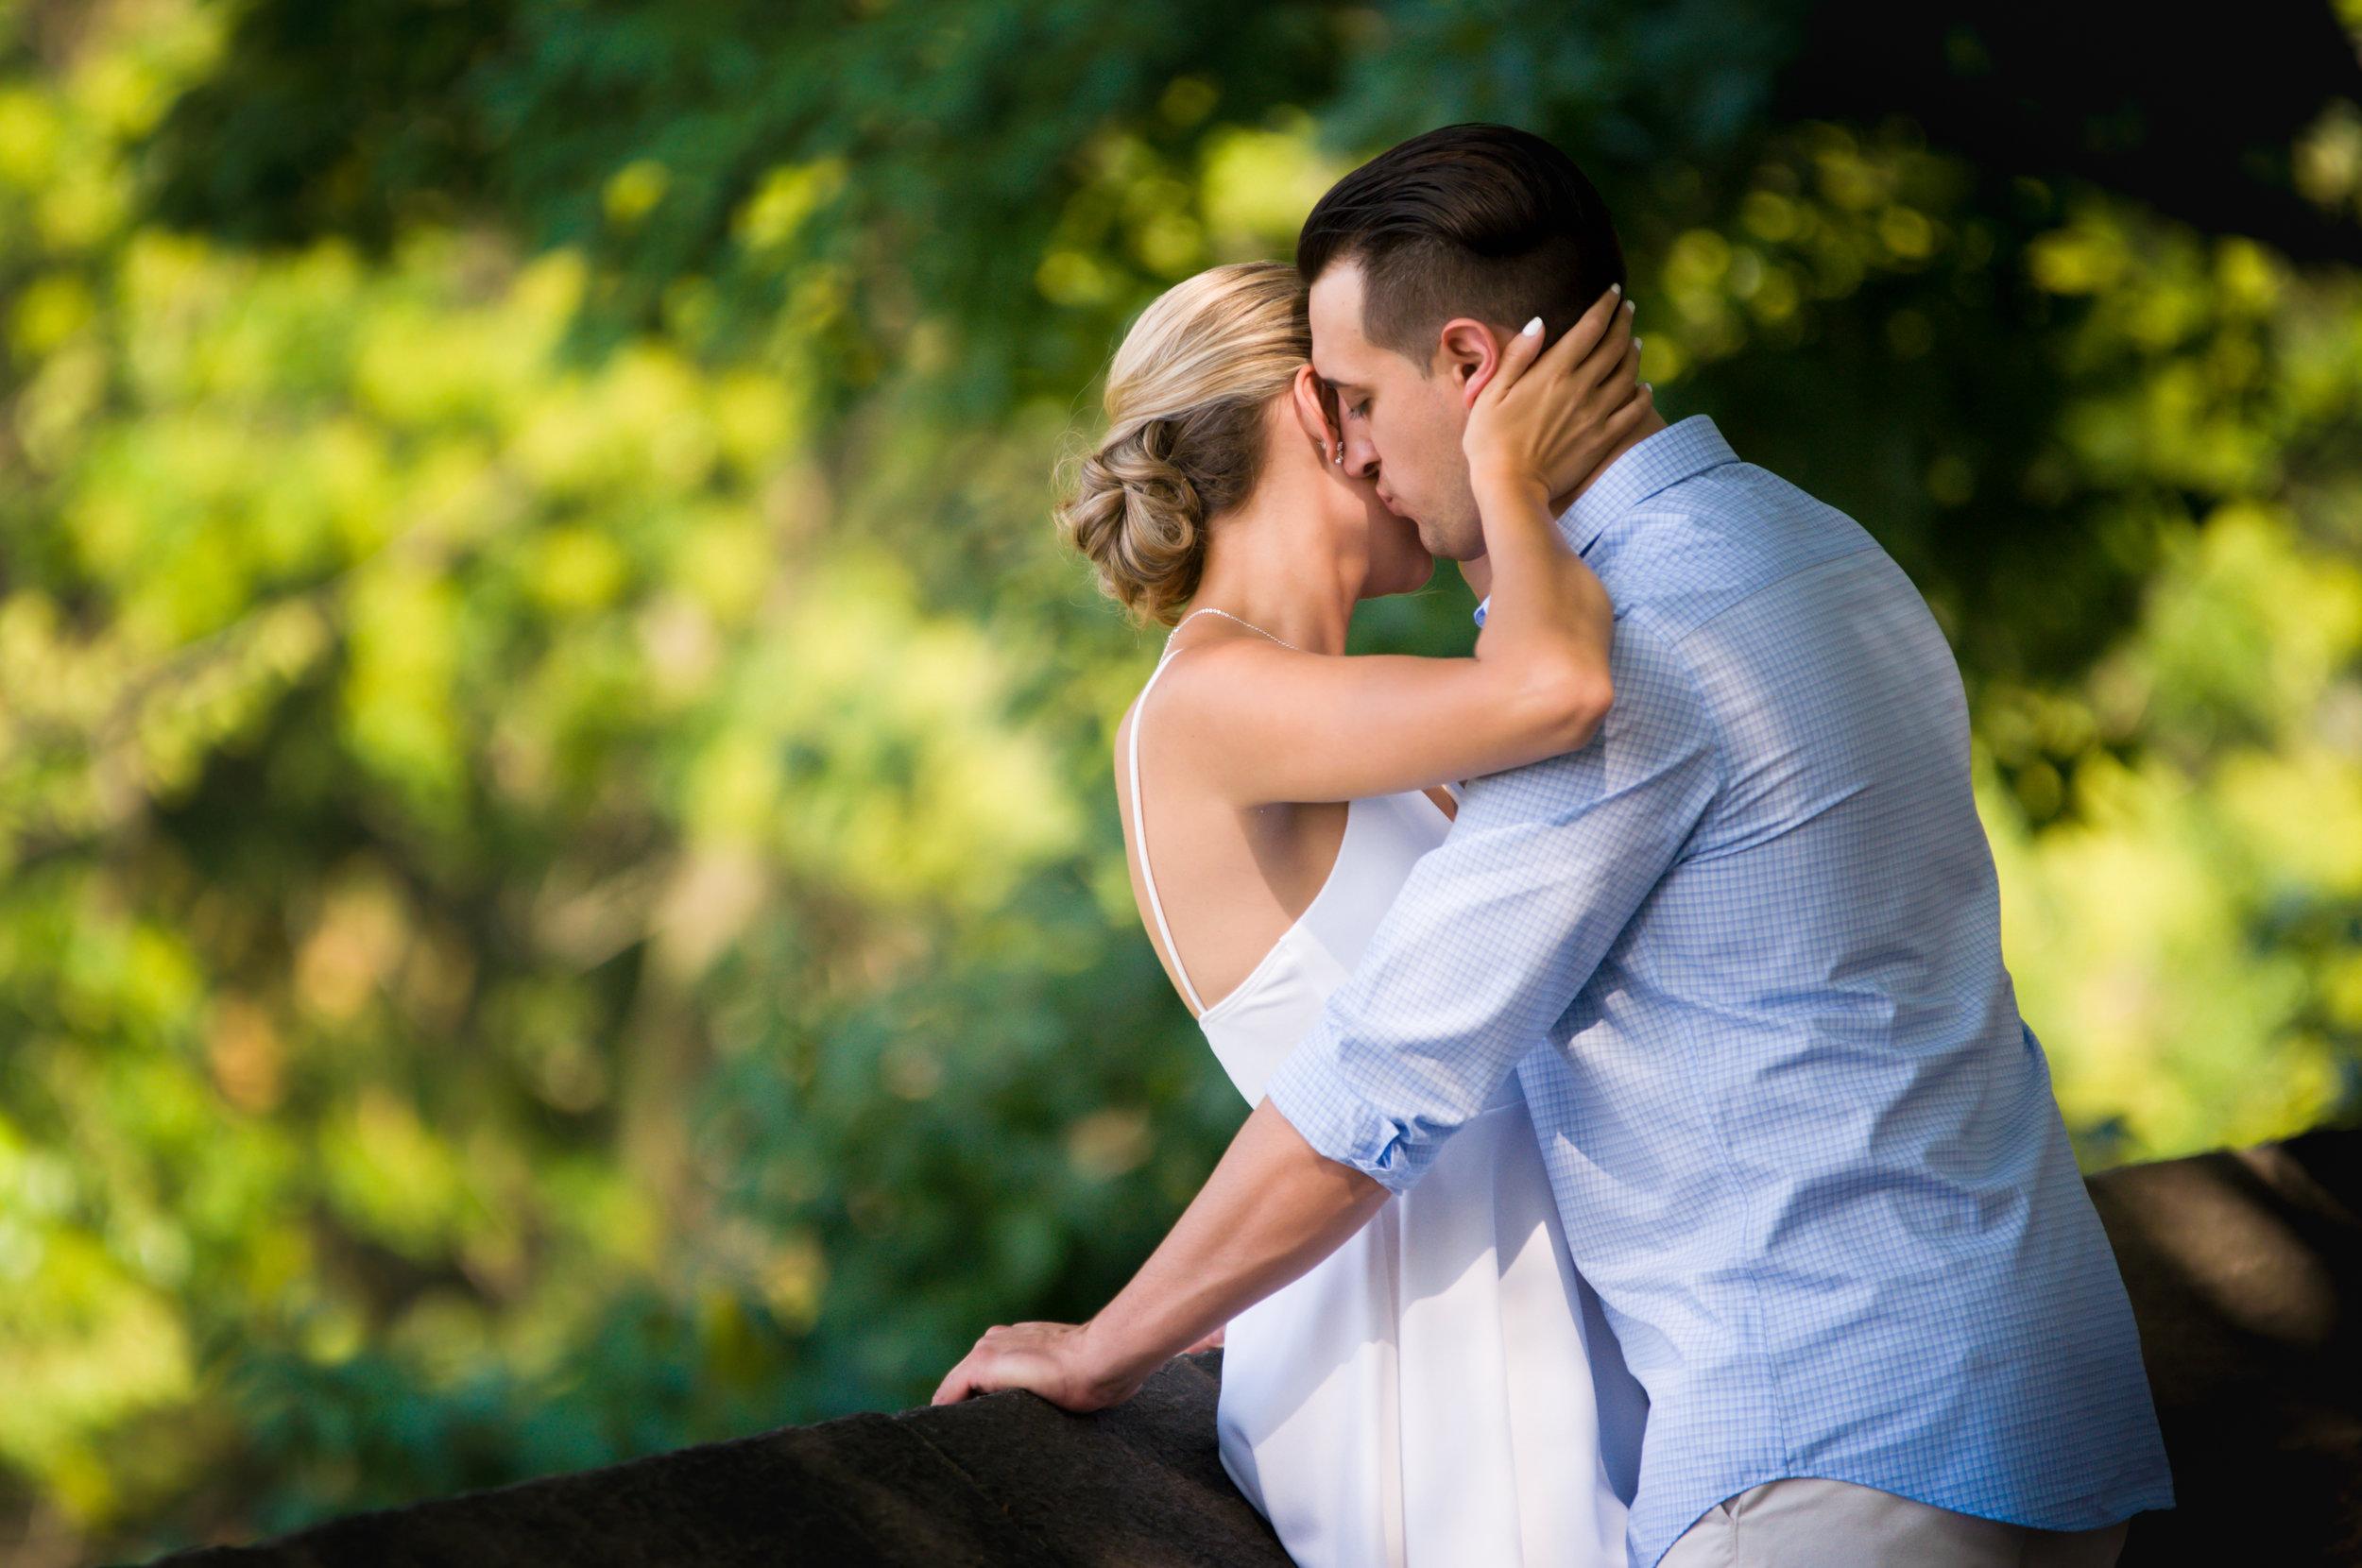 CArrieWestonStudios_NY_Portrait_Wedding_Photography_Northport_JoeandSarah-16.jpg